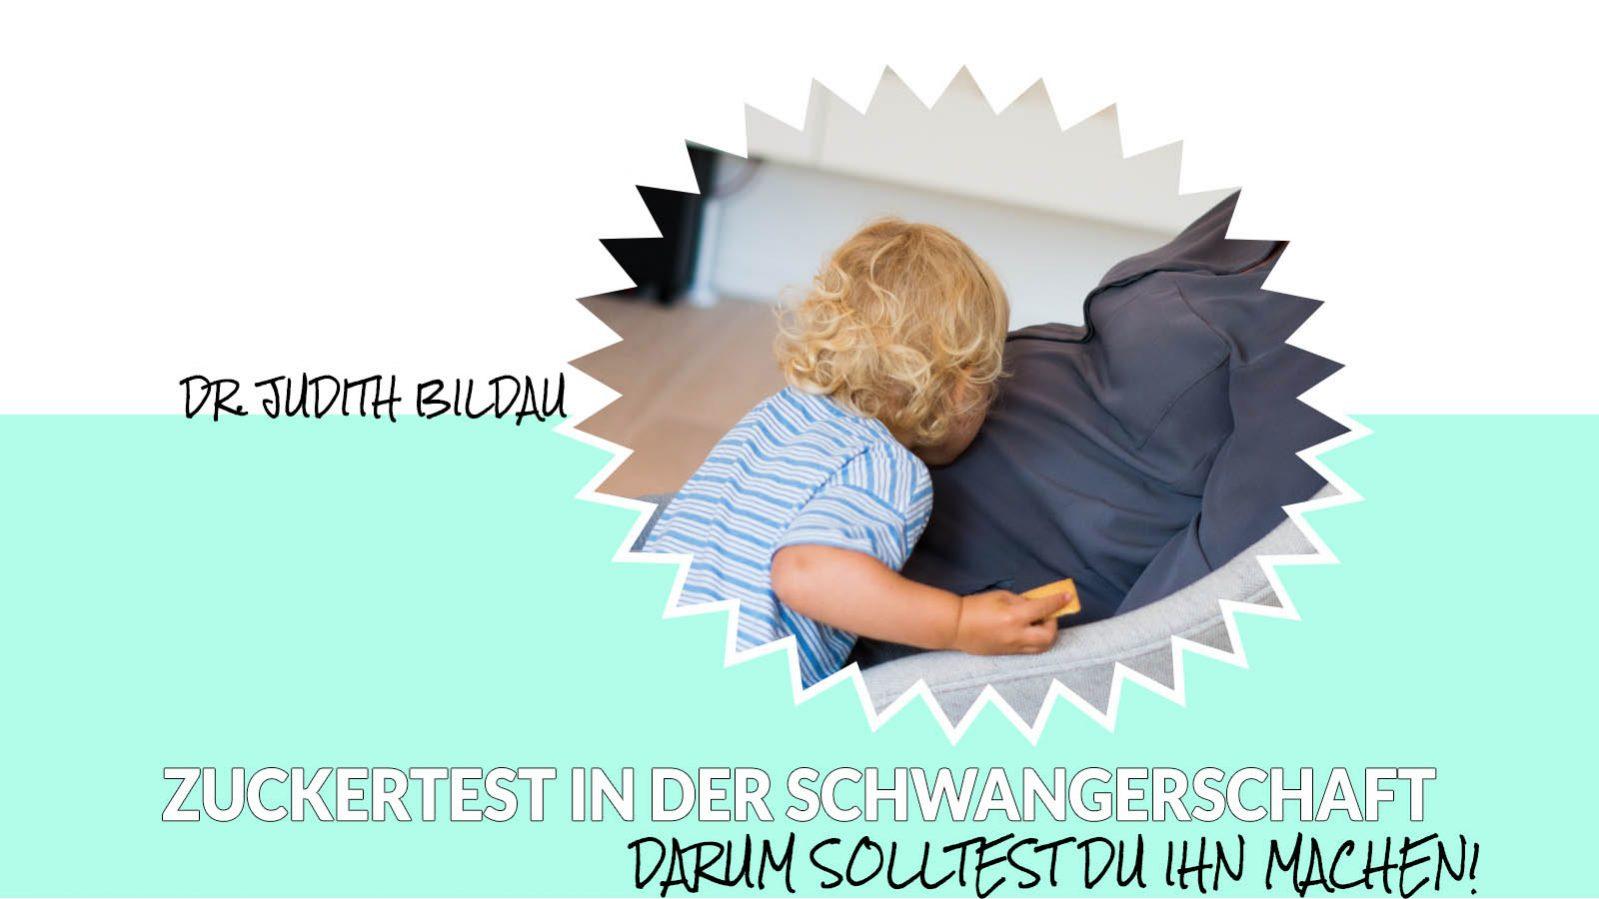 Photo of Zuckertest in der Schwangerschaft: Darum solltest du ihn machen!